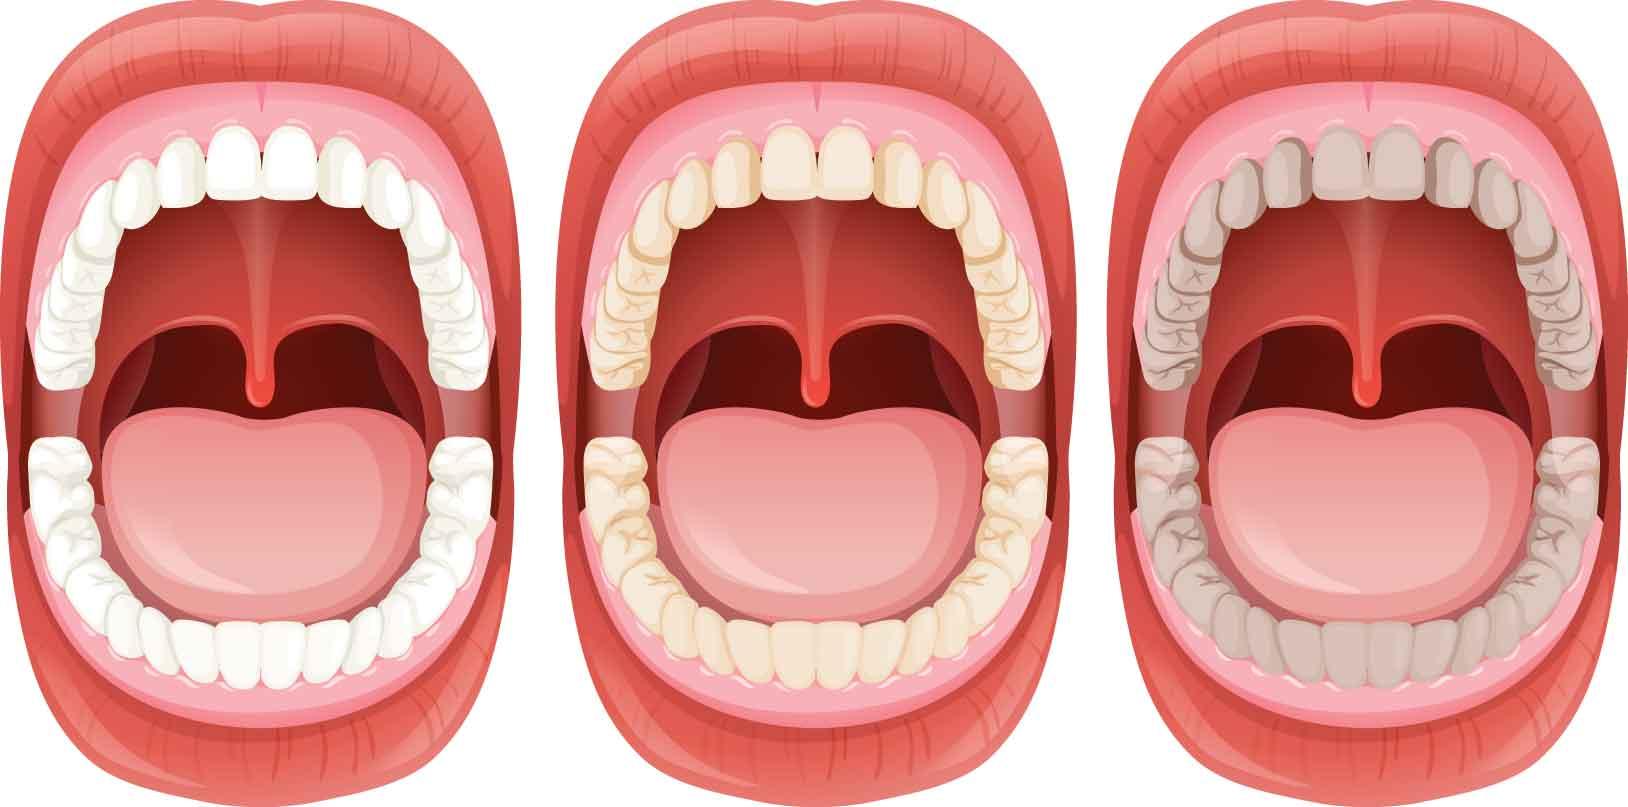 بهداشت دهان و دندان و نقش تعیین کننده در انجام موفق ایمپلنت 1 روزه